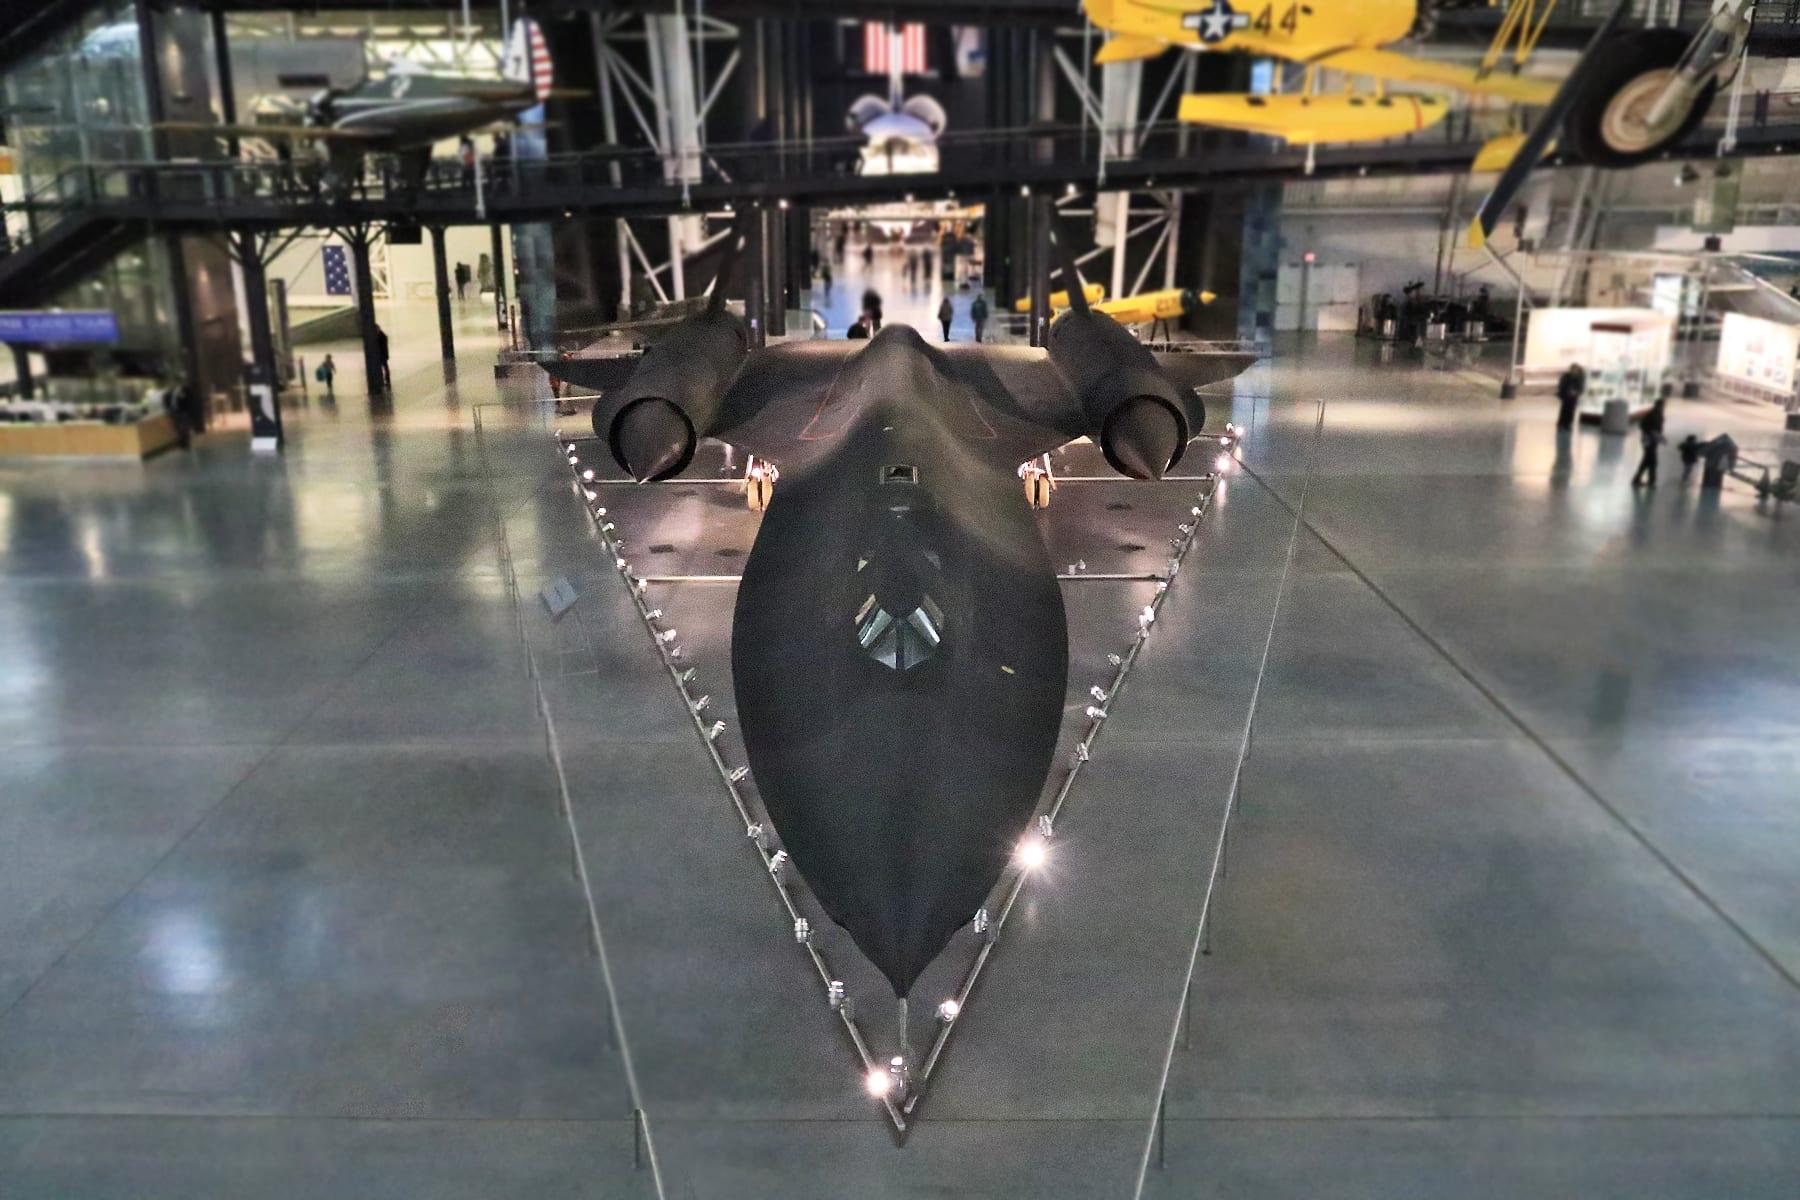 journey-11-VA-airspacemuseum04.jpg